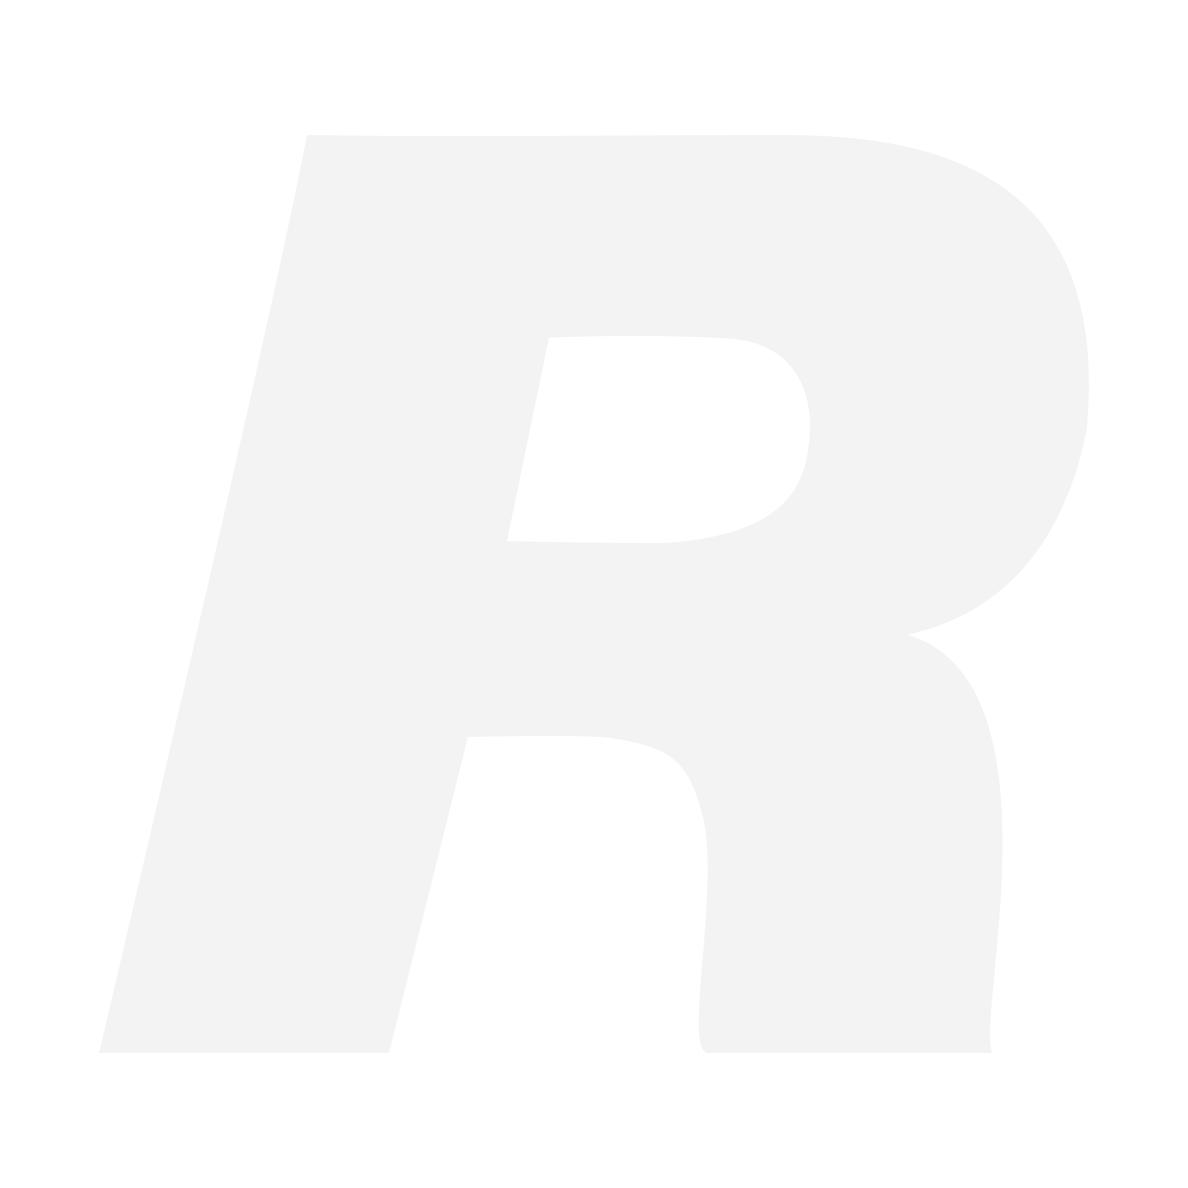 GoPro Karma -kuvauskopteri (sis. GoPro Hero 6 Black)